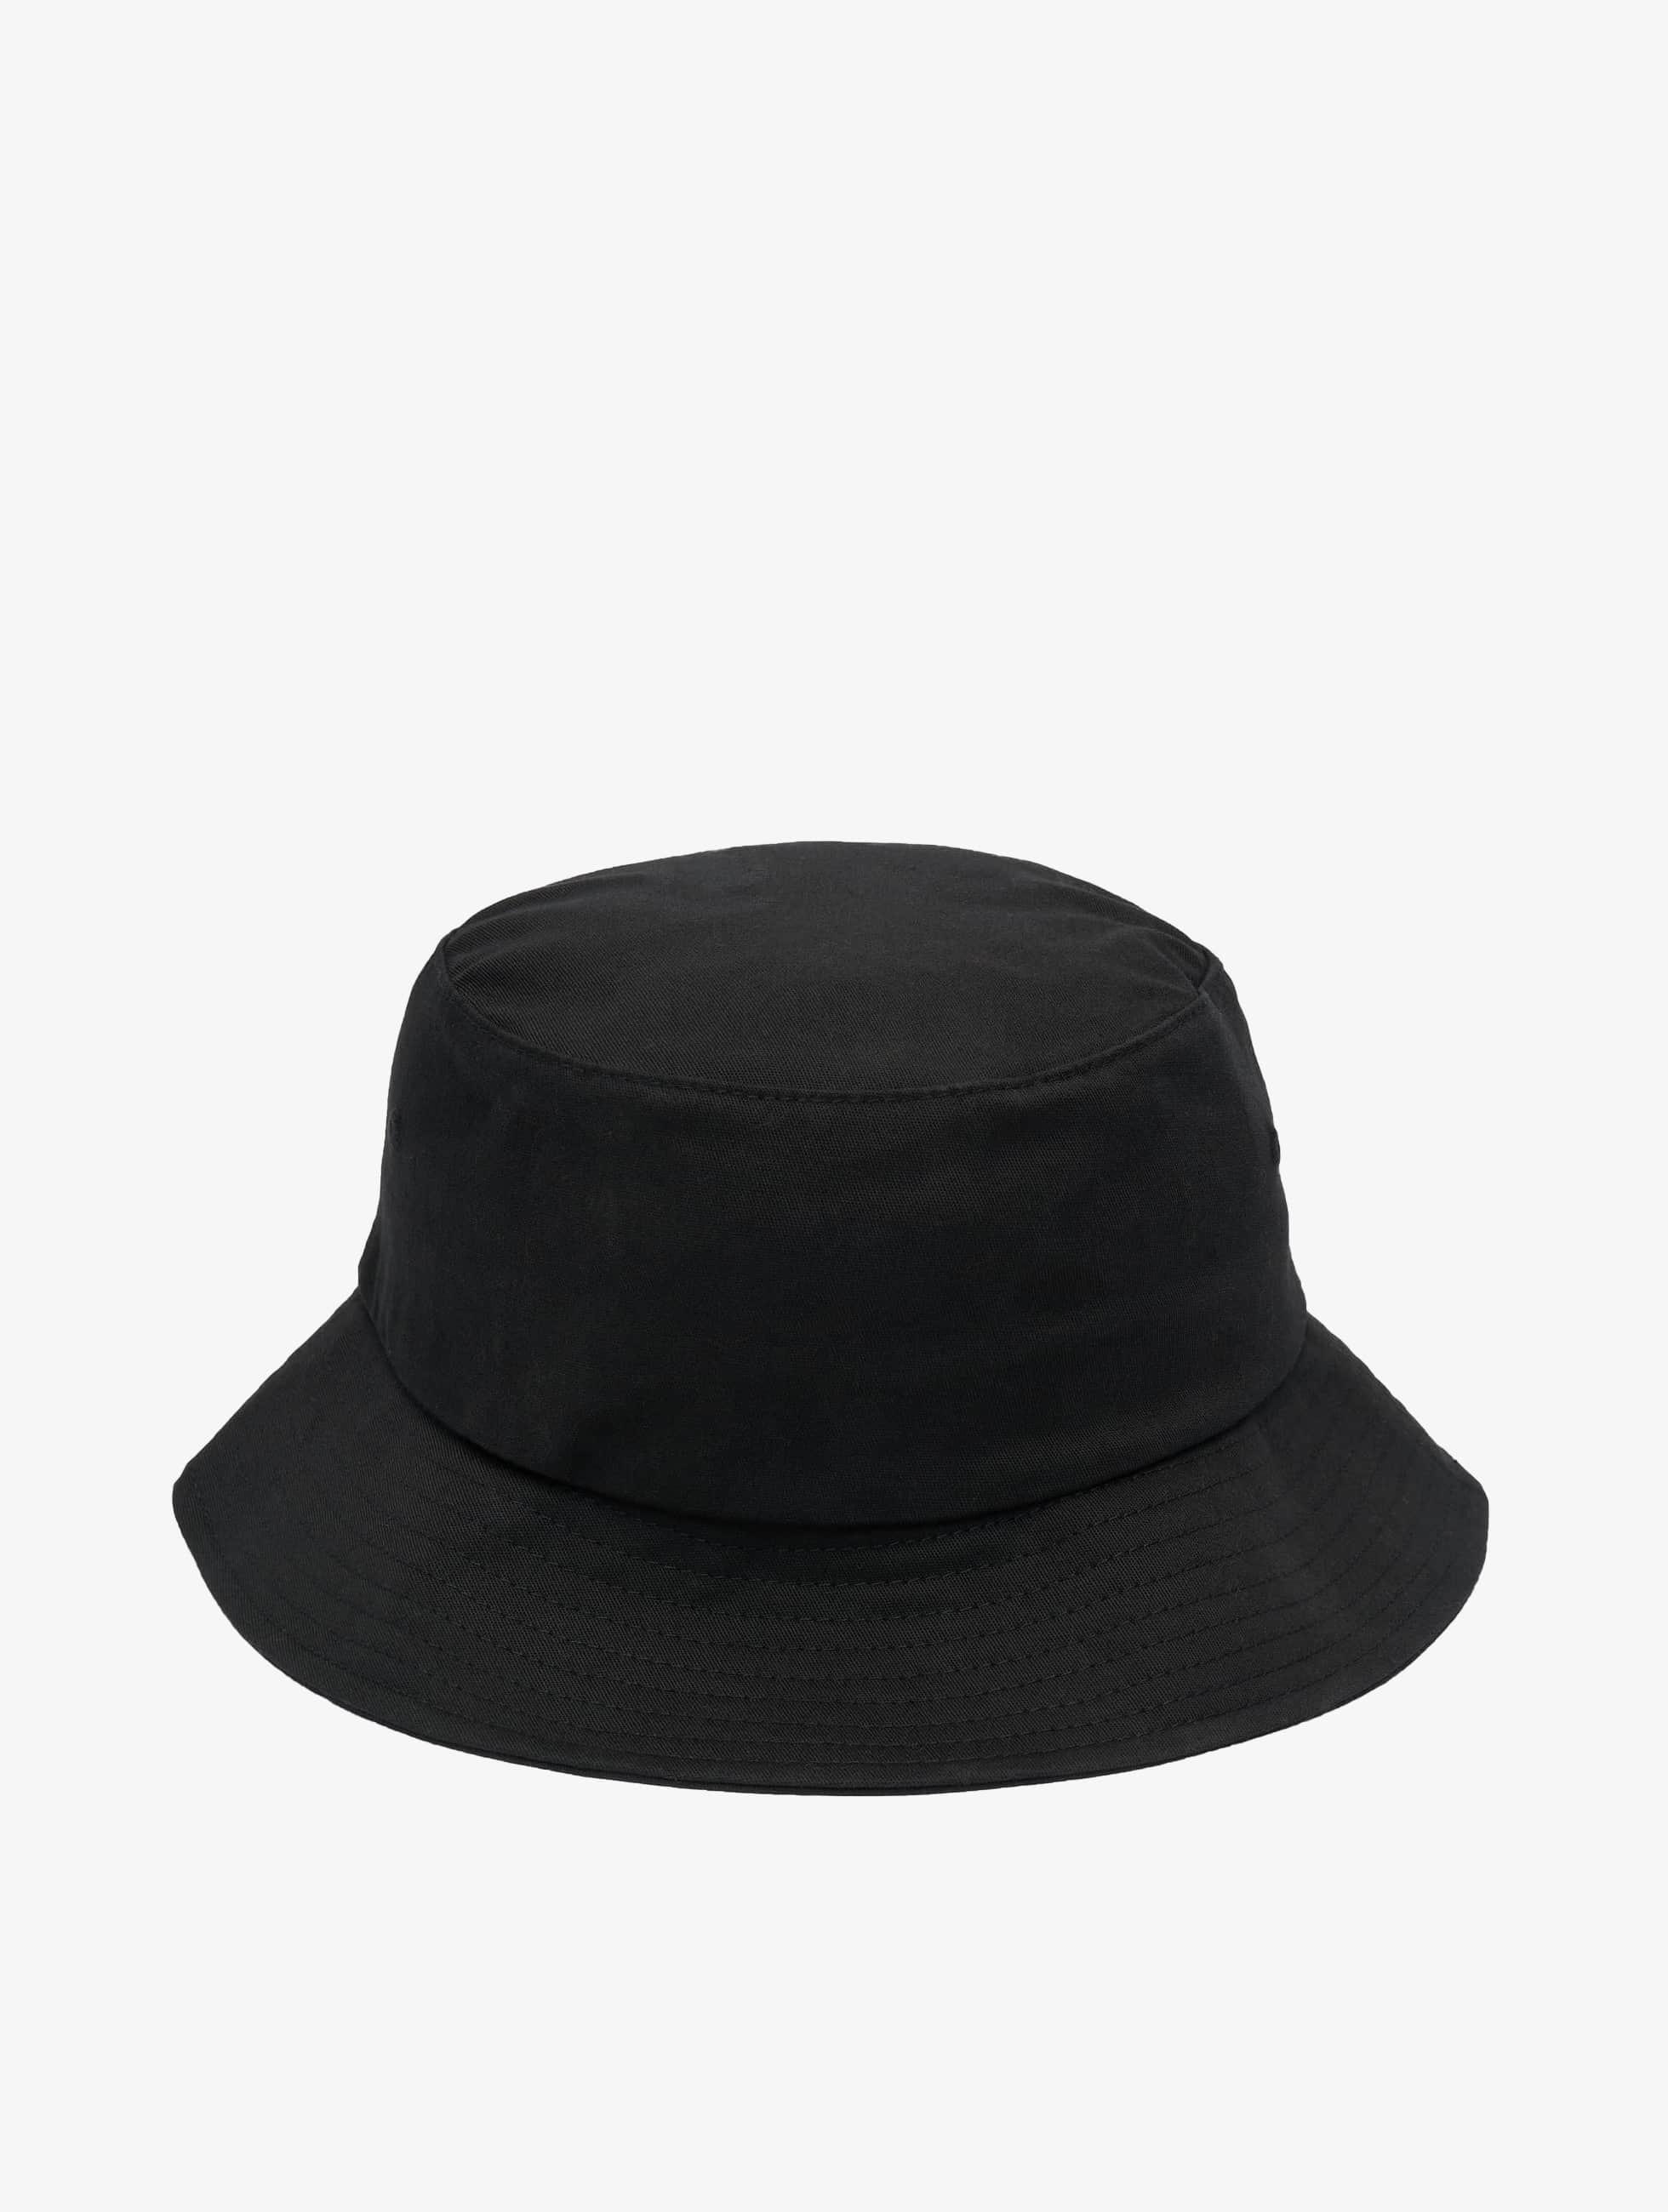 Flexfit Männer,Frauen Hut Cotton Twill in schwarz